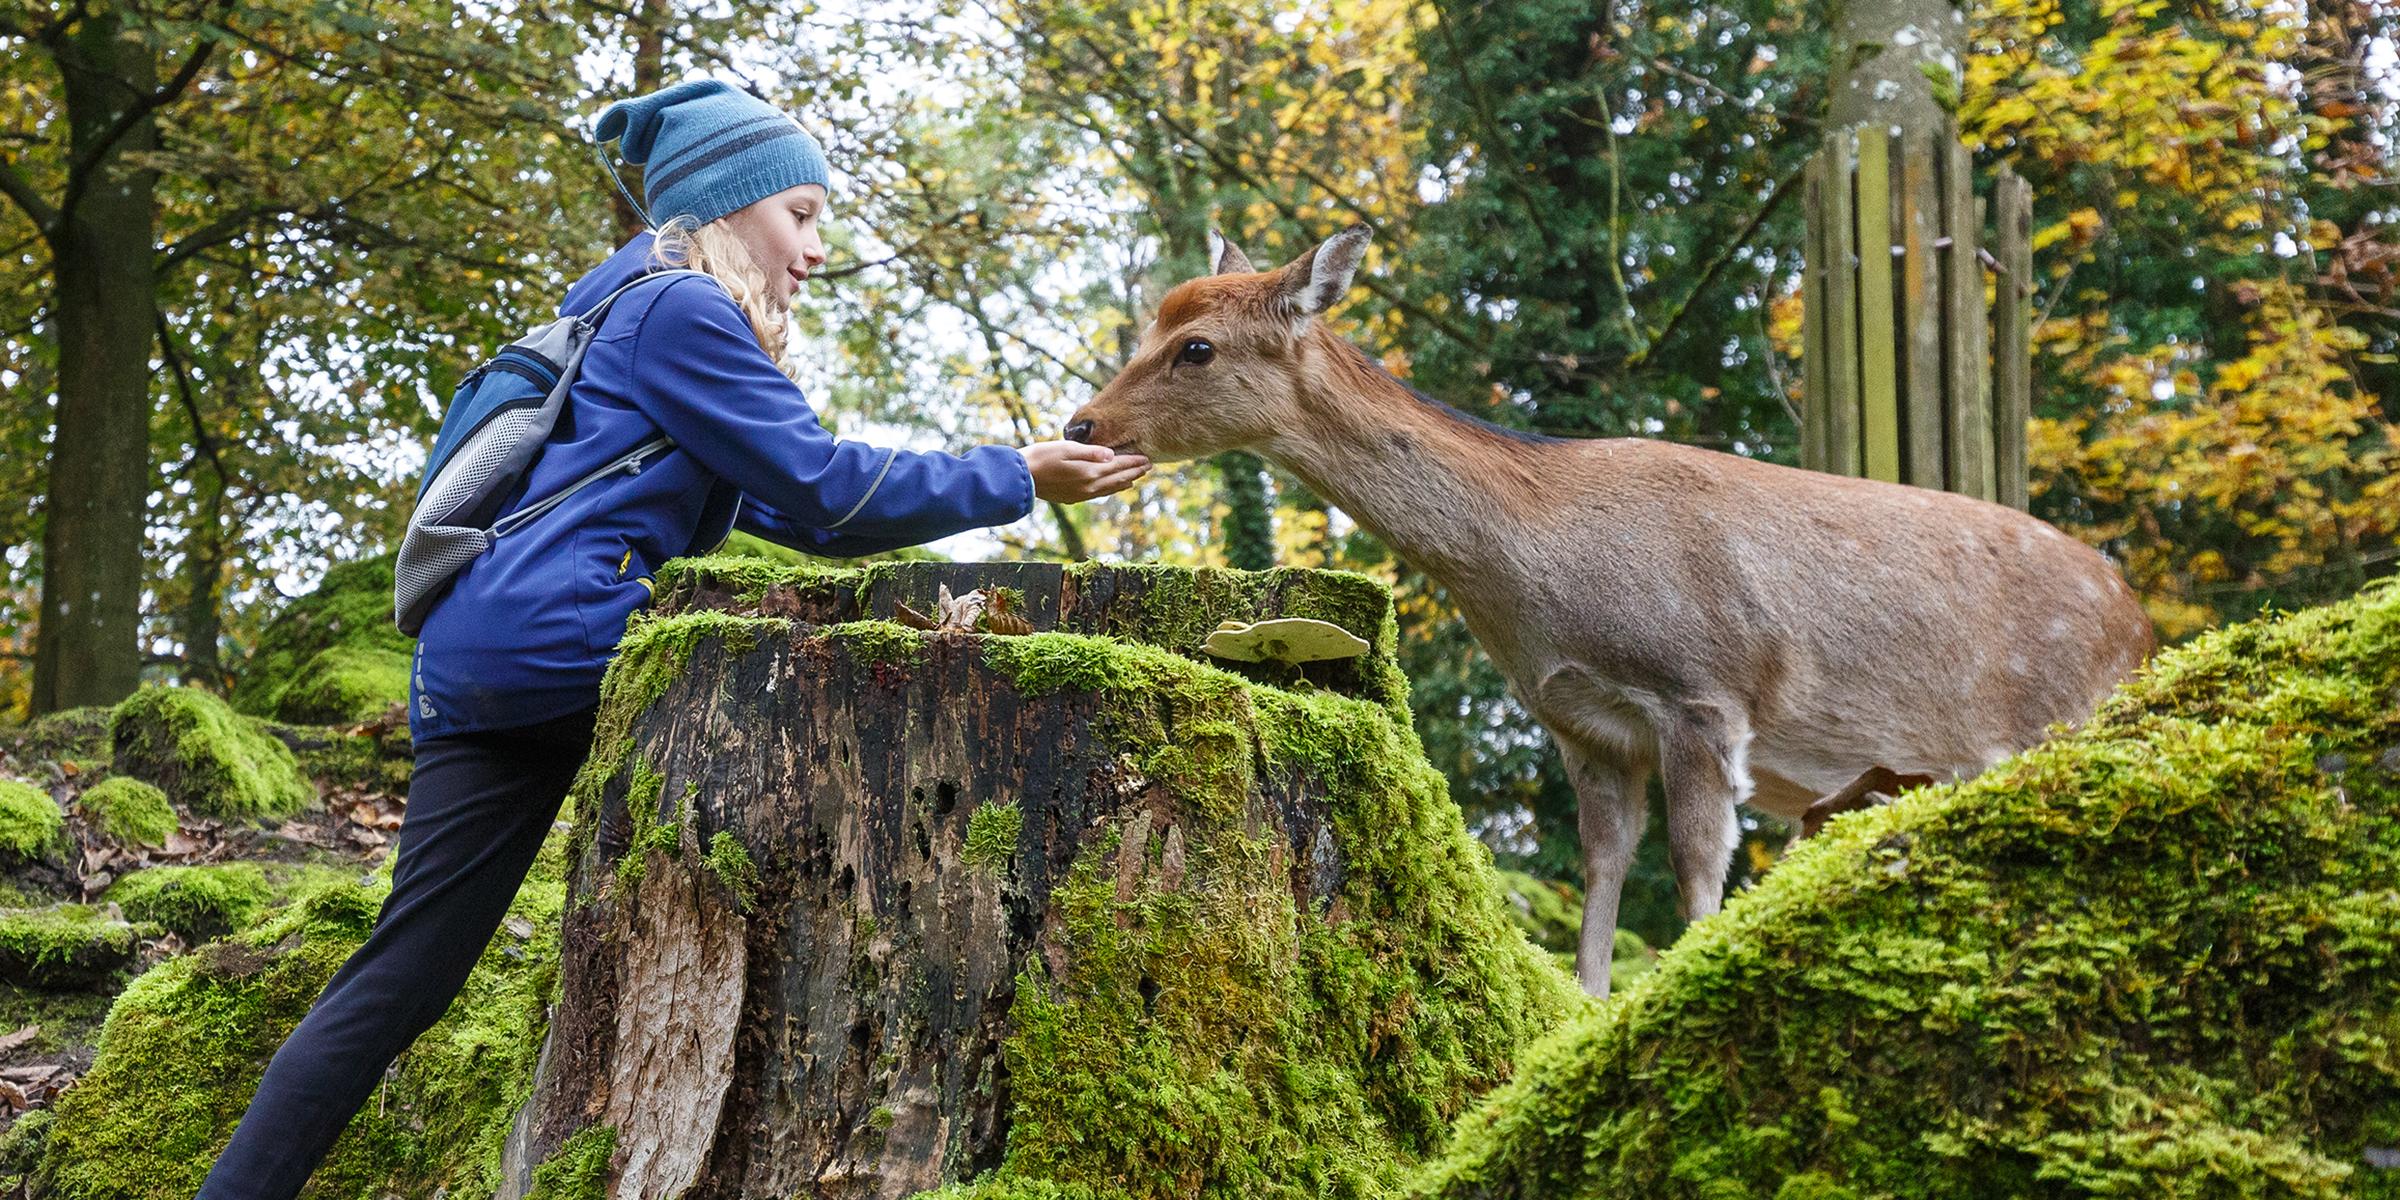 Enger Kontakt mit den Tieren im Natur- und Tierpark Goldau